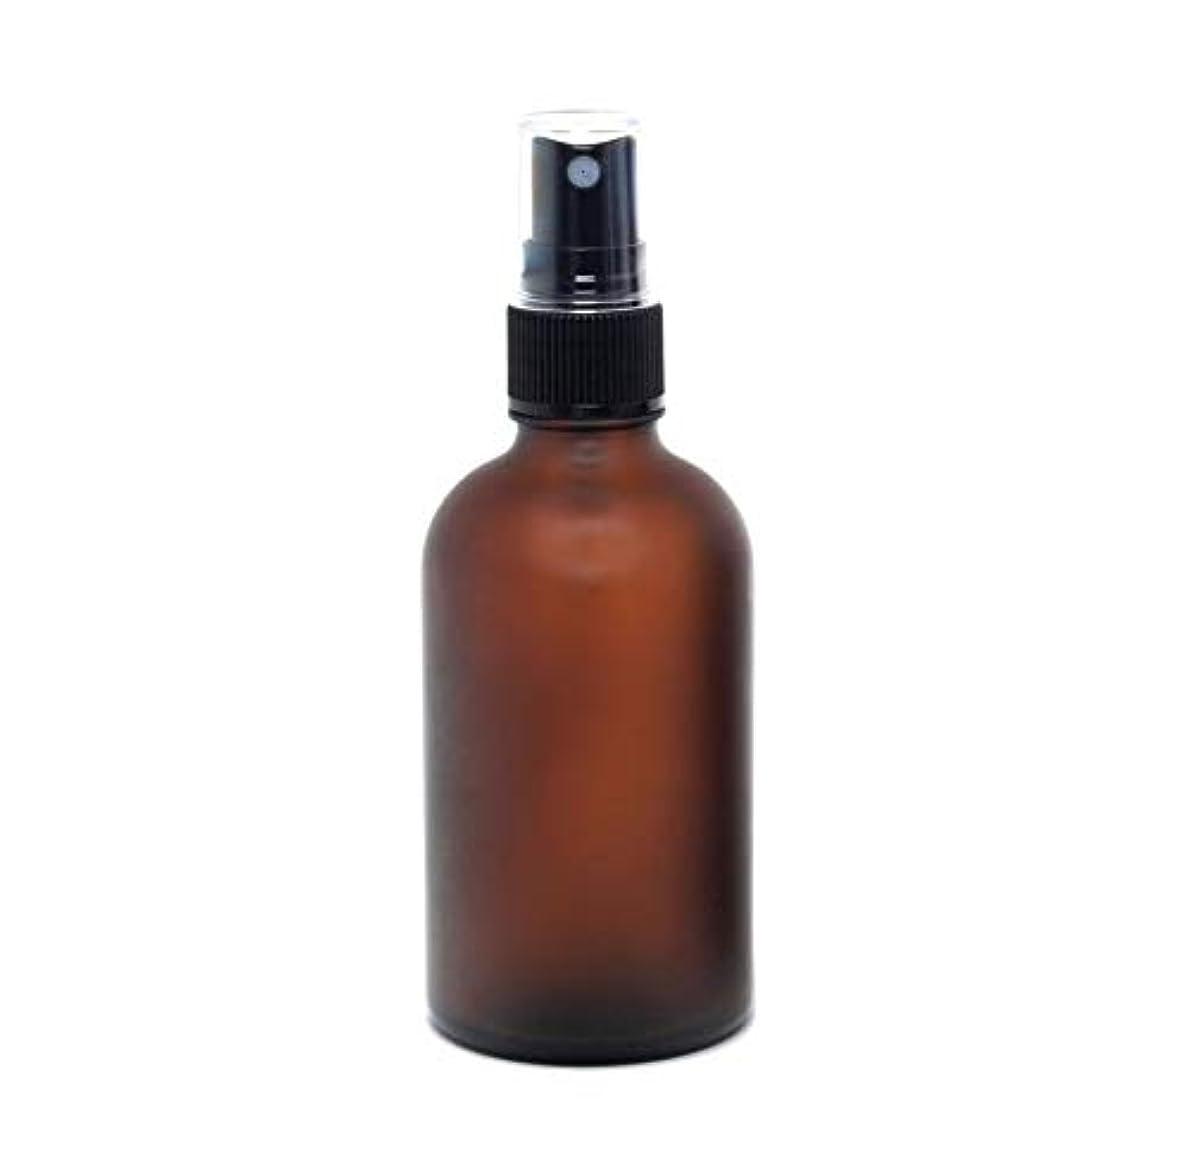 遮光瓶 蓄圧式ミストのスプレーボトル 100ml / アンバー?フロスト(つや消し)(硝子/アトマイザー)ブラックヘッド 1本